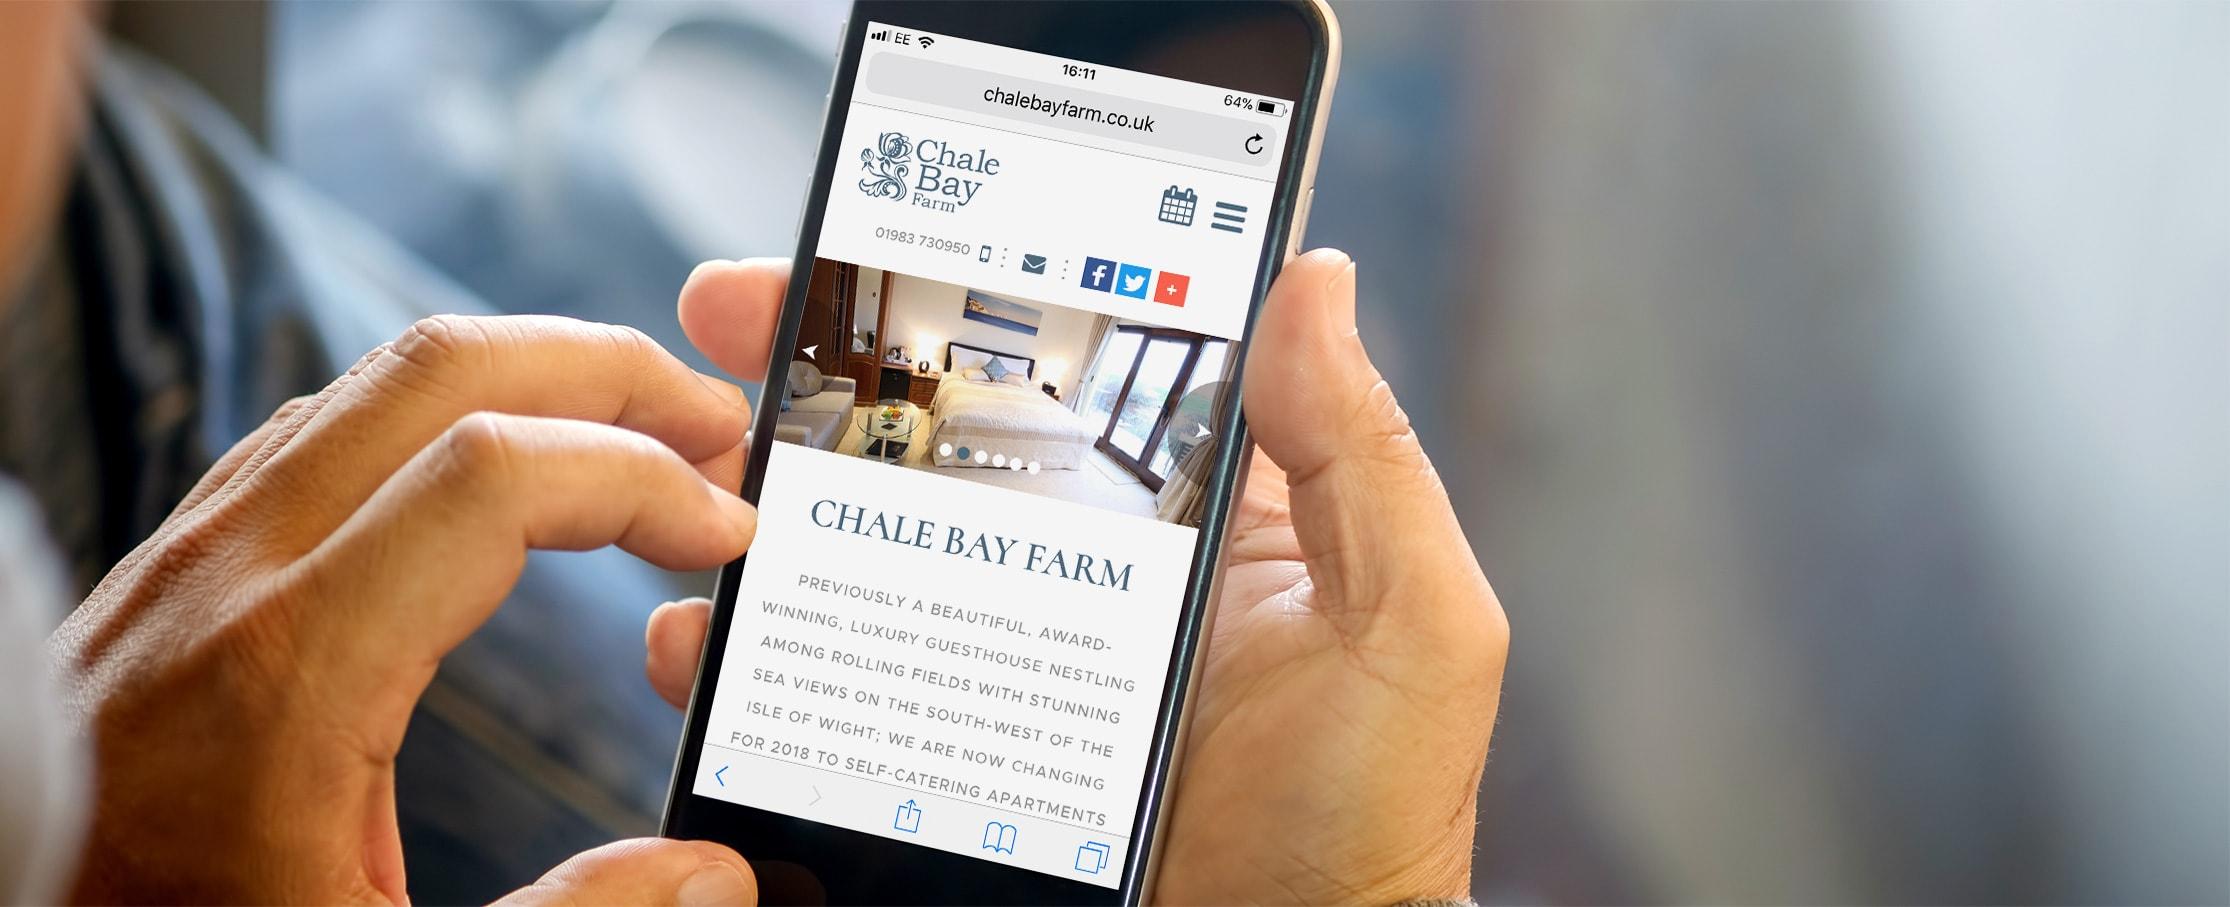 IOW mobile web design Chale Bay Hotel